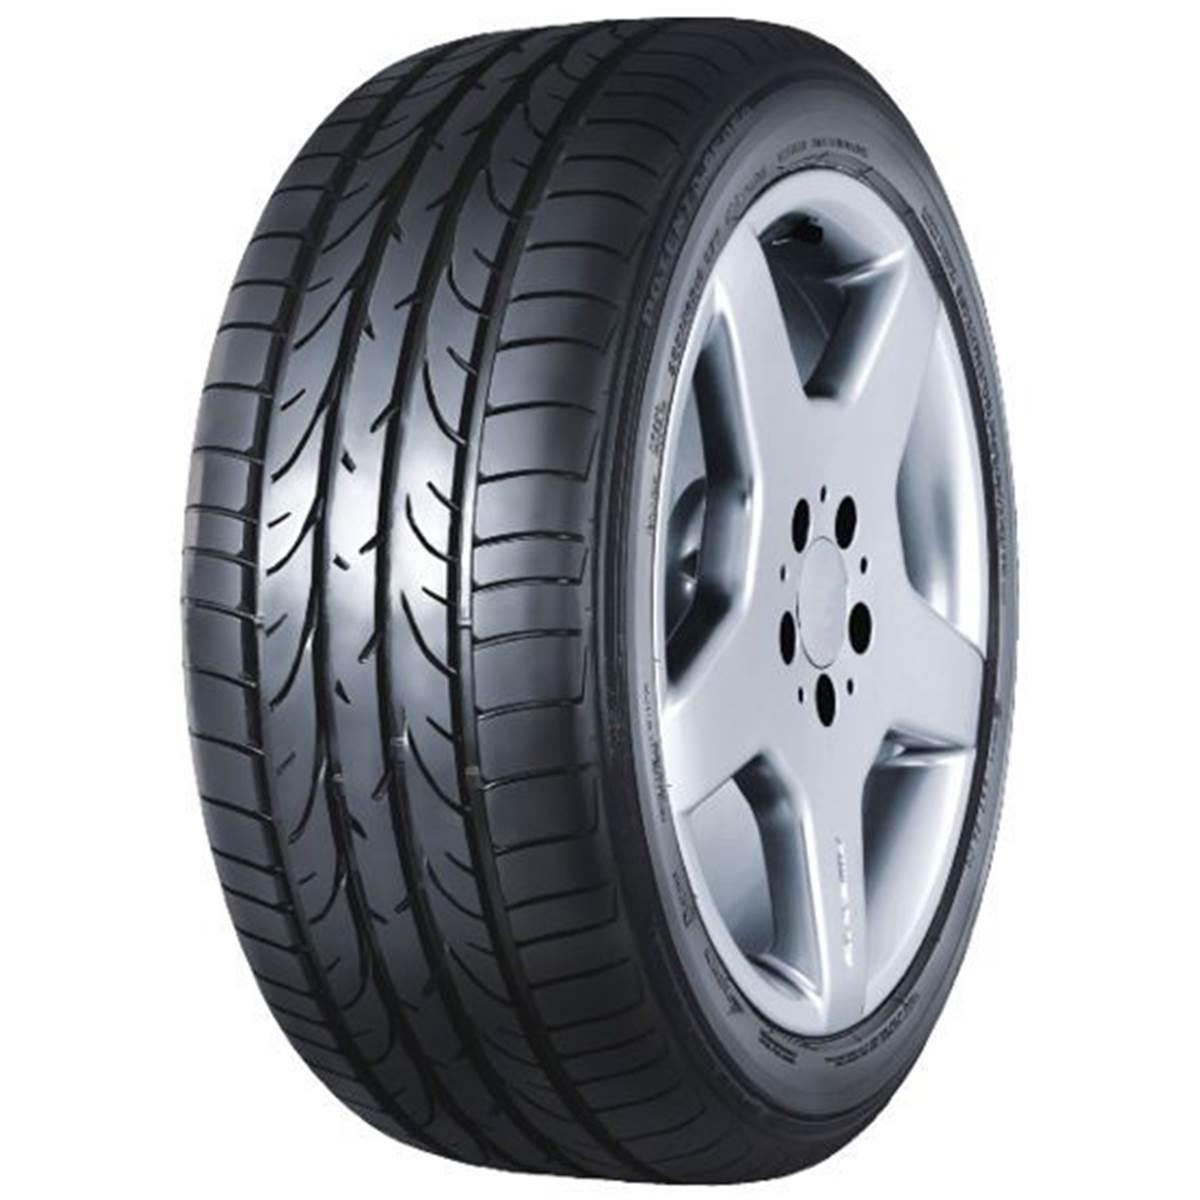 Pneu Bridgestone 245/45R18 100Y Potenza Re050 XL